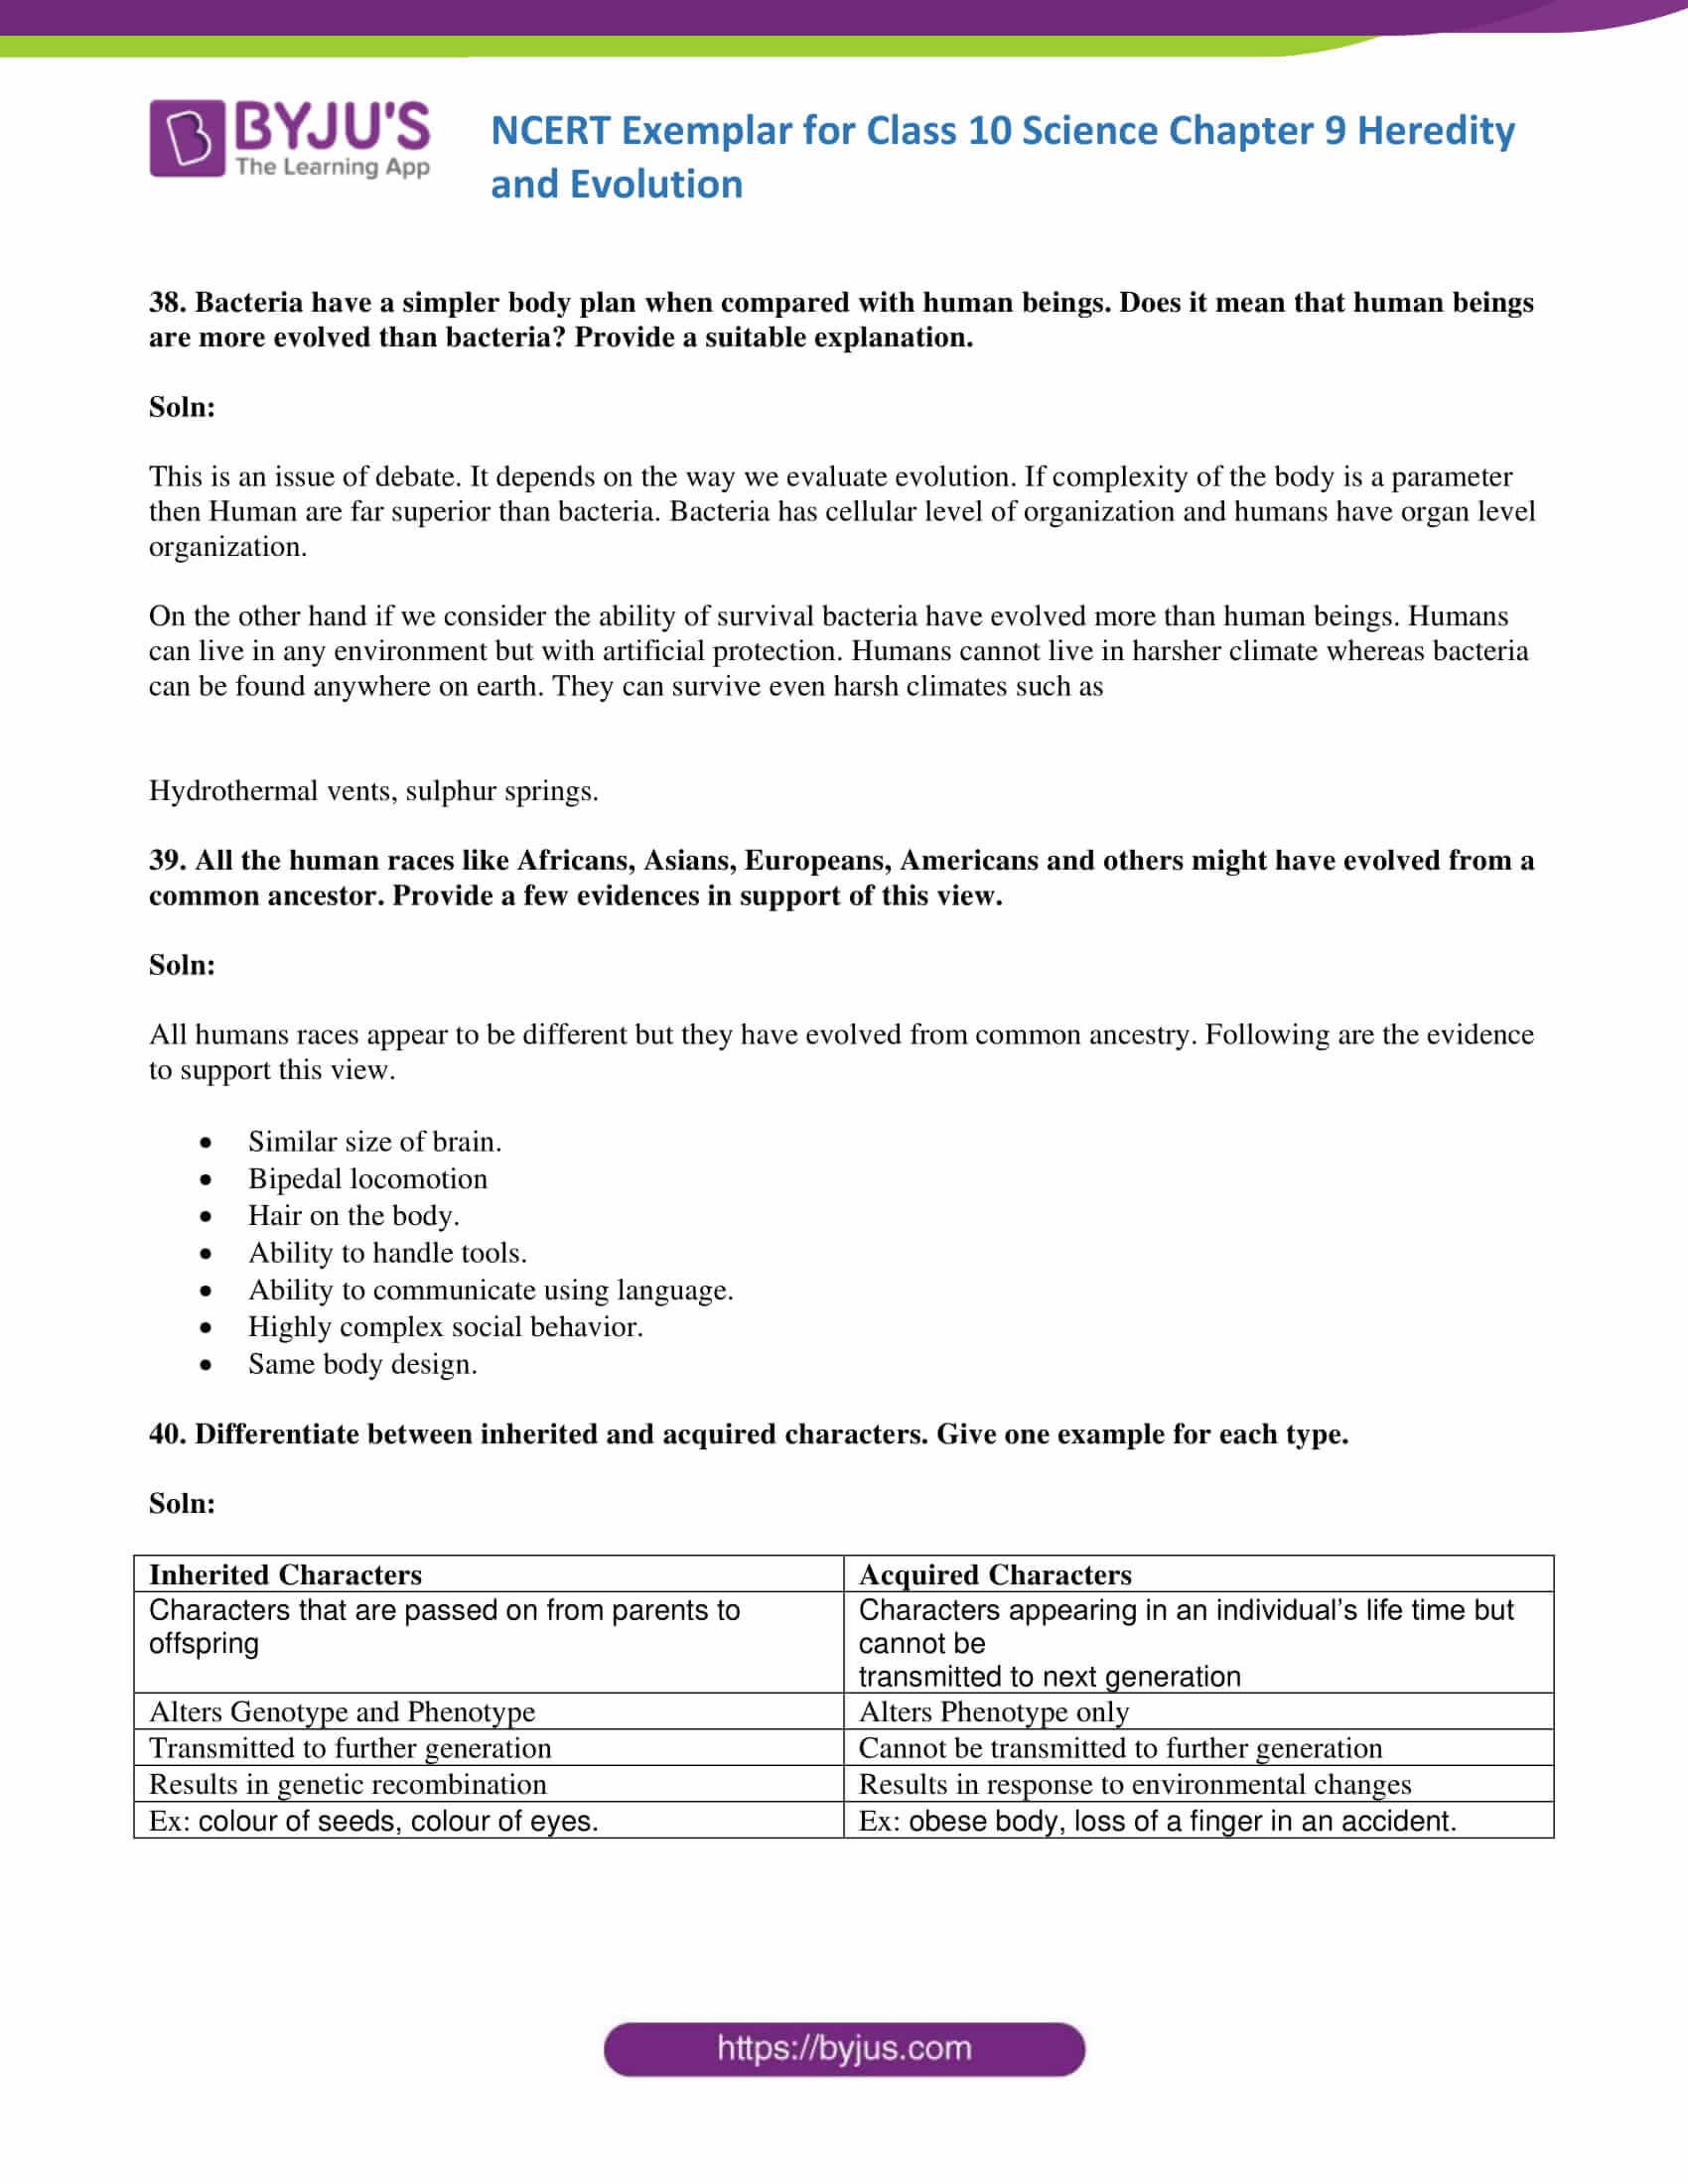 NCERT Exemplar solution class 10 science Chapter 9 part 13